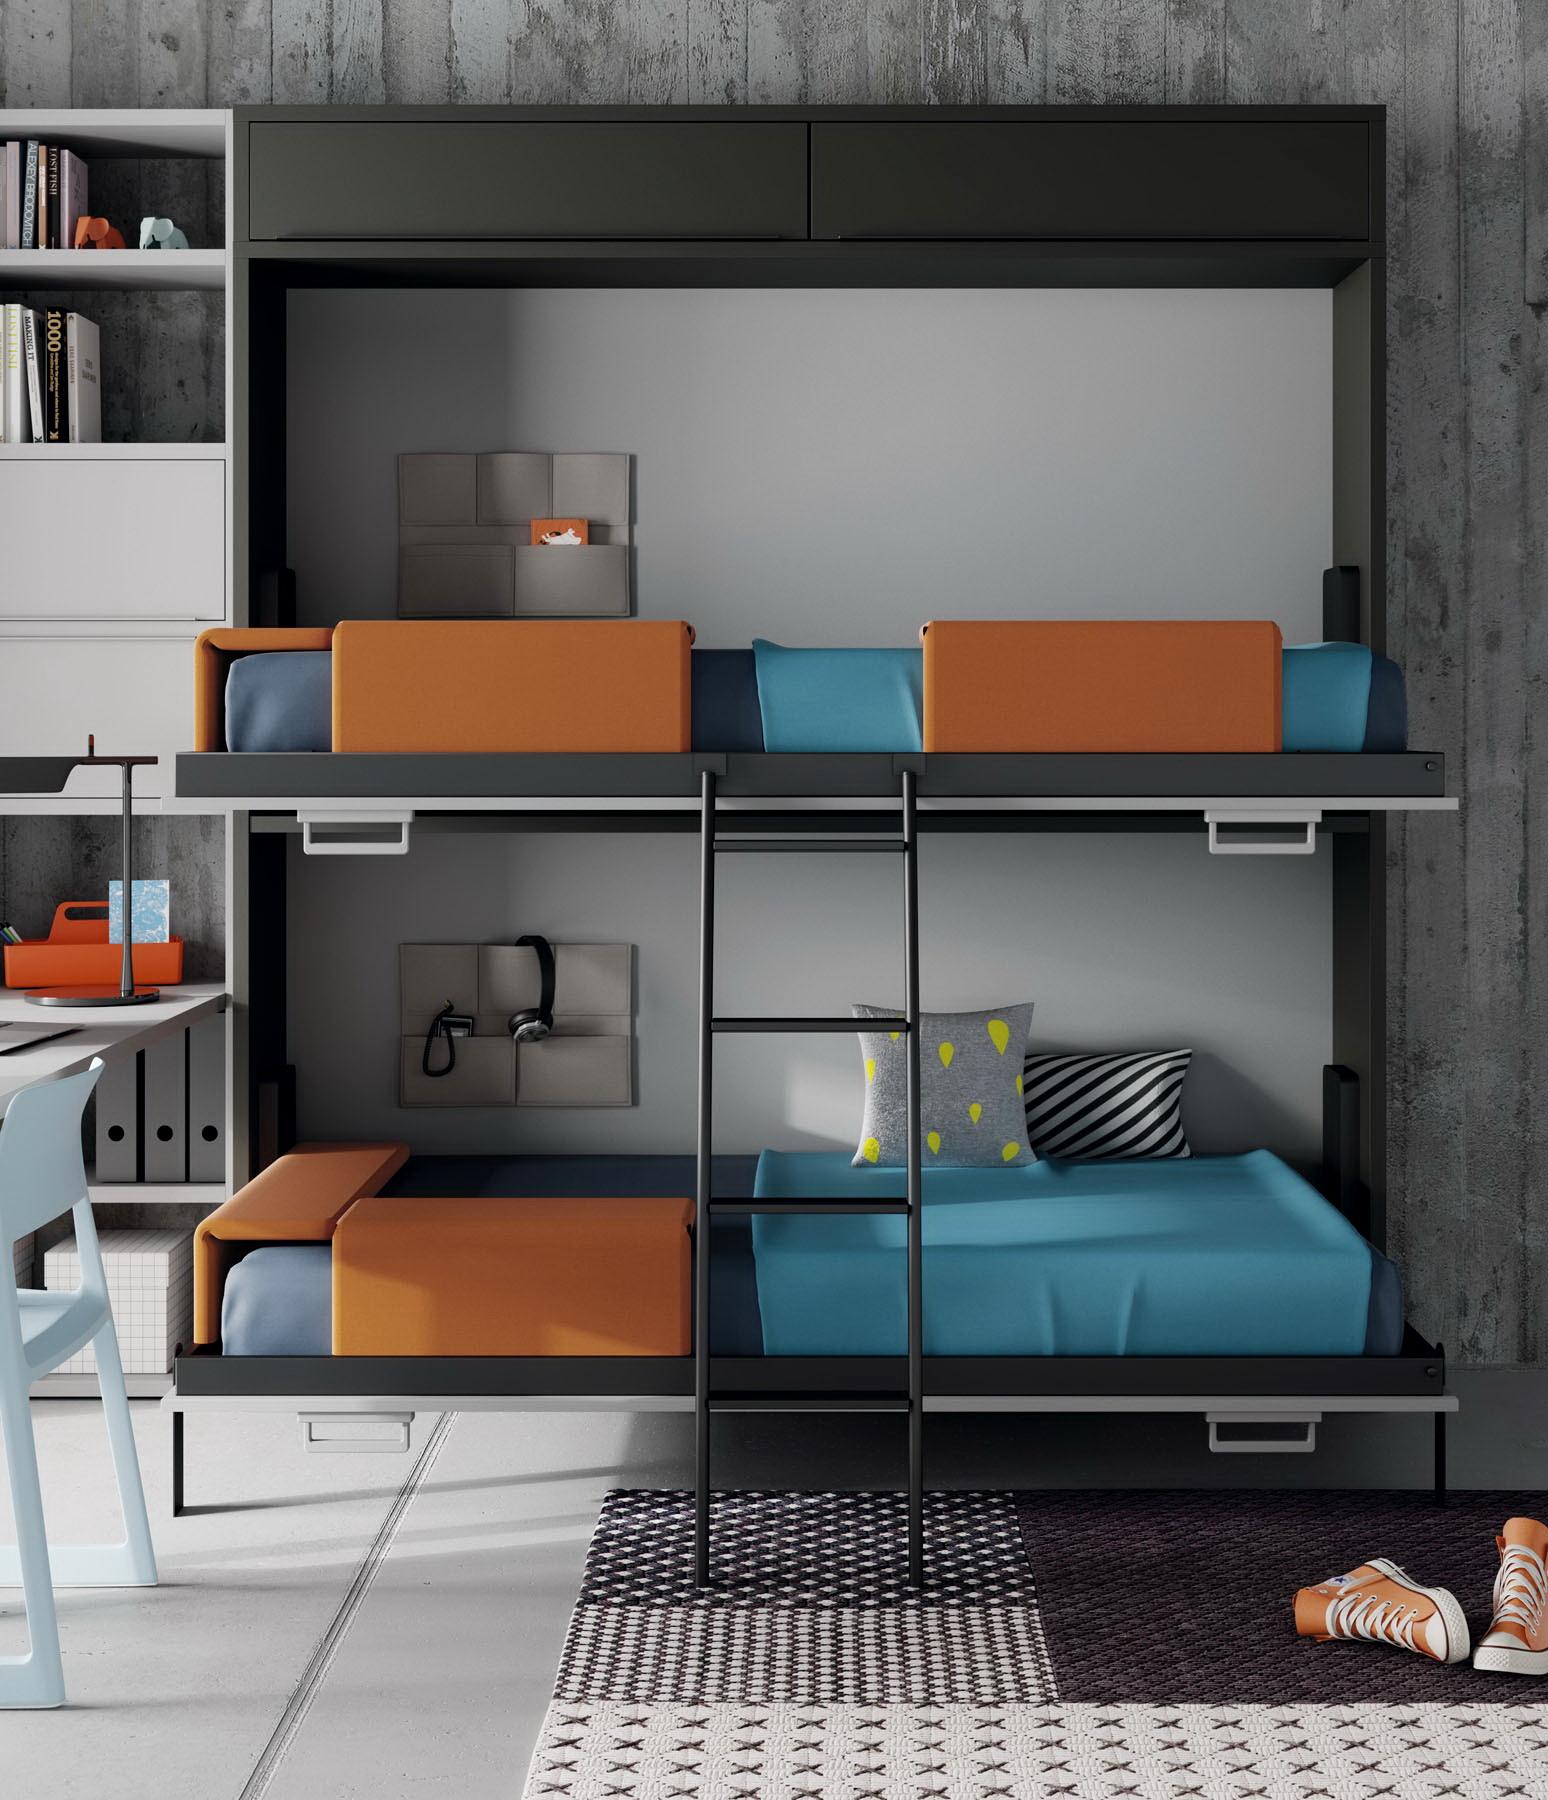 Habitaciones Juveniles INFINITY 2 by JotaJotaPe 41-cama-abatible-litera venta en MUEBLES ANTOÑÁN León